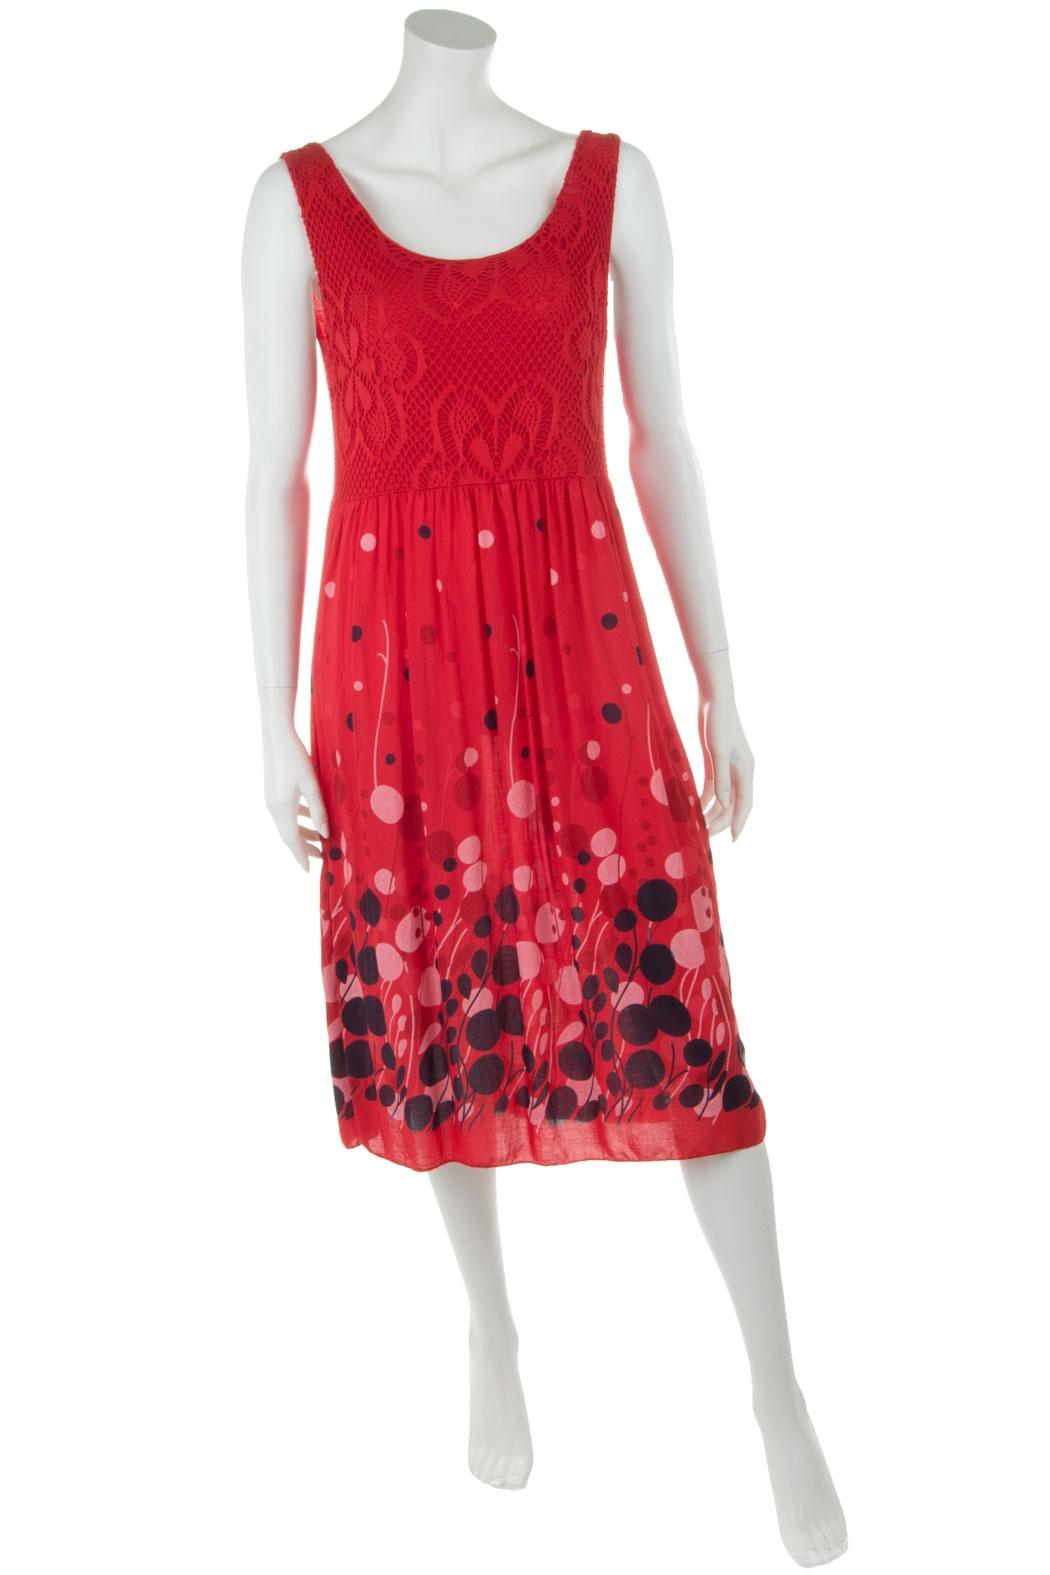 Leichtes Sommerkleid Für Damen Viskose Rot 36 38 40 2690